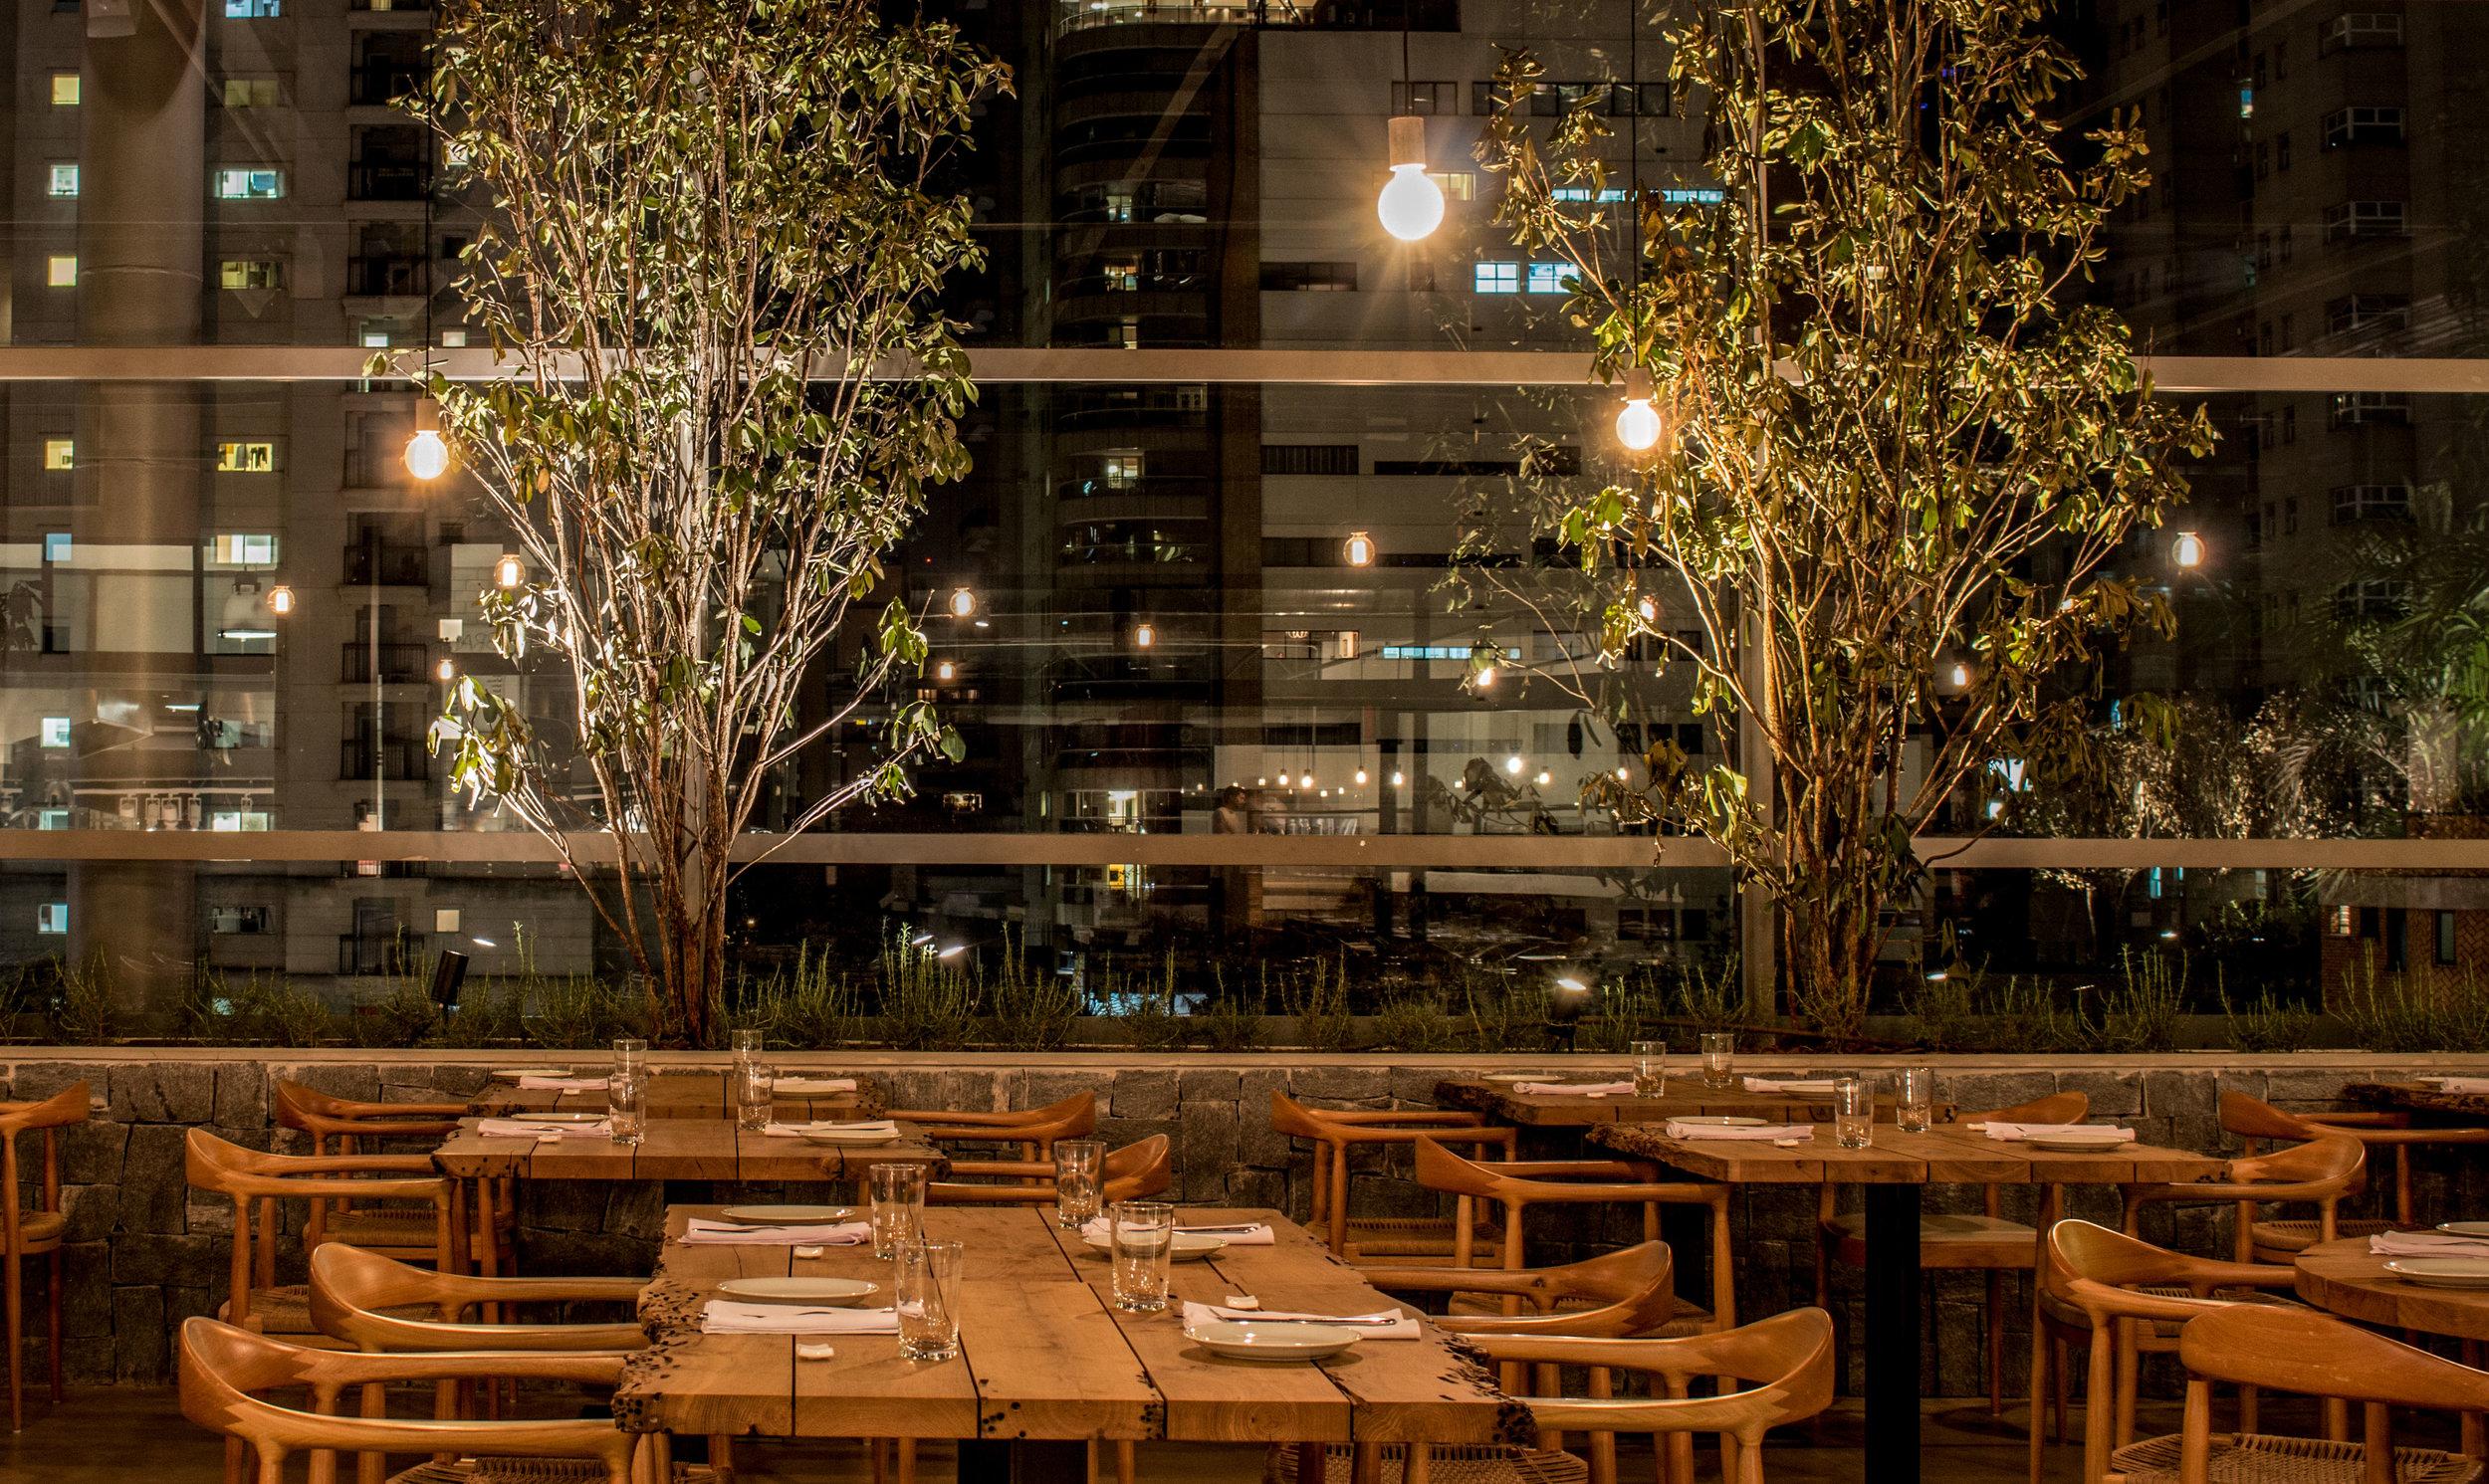 LIGHTSOURCE_EatalySP_Mingrone-iluminação_Espaço-Novo-Arquitetura _004.jpg